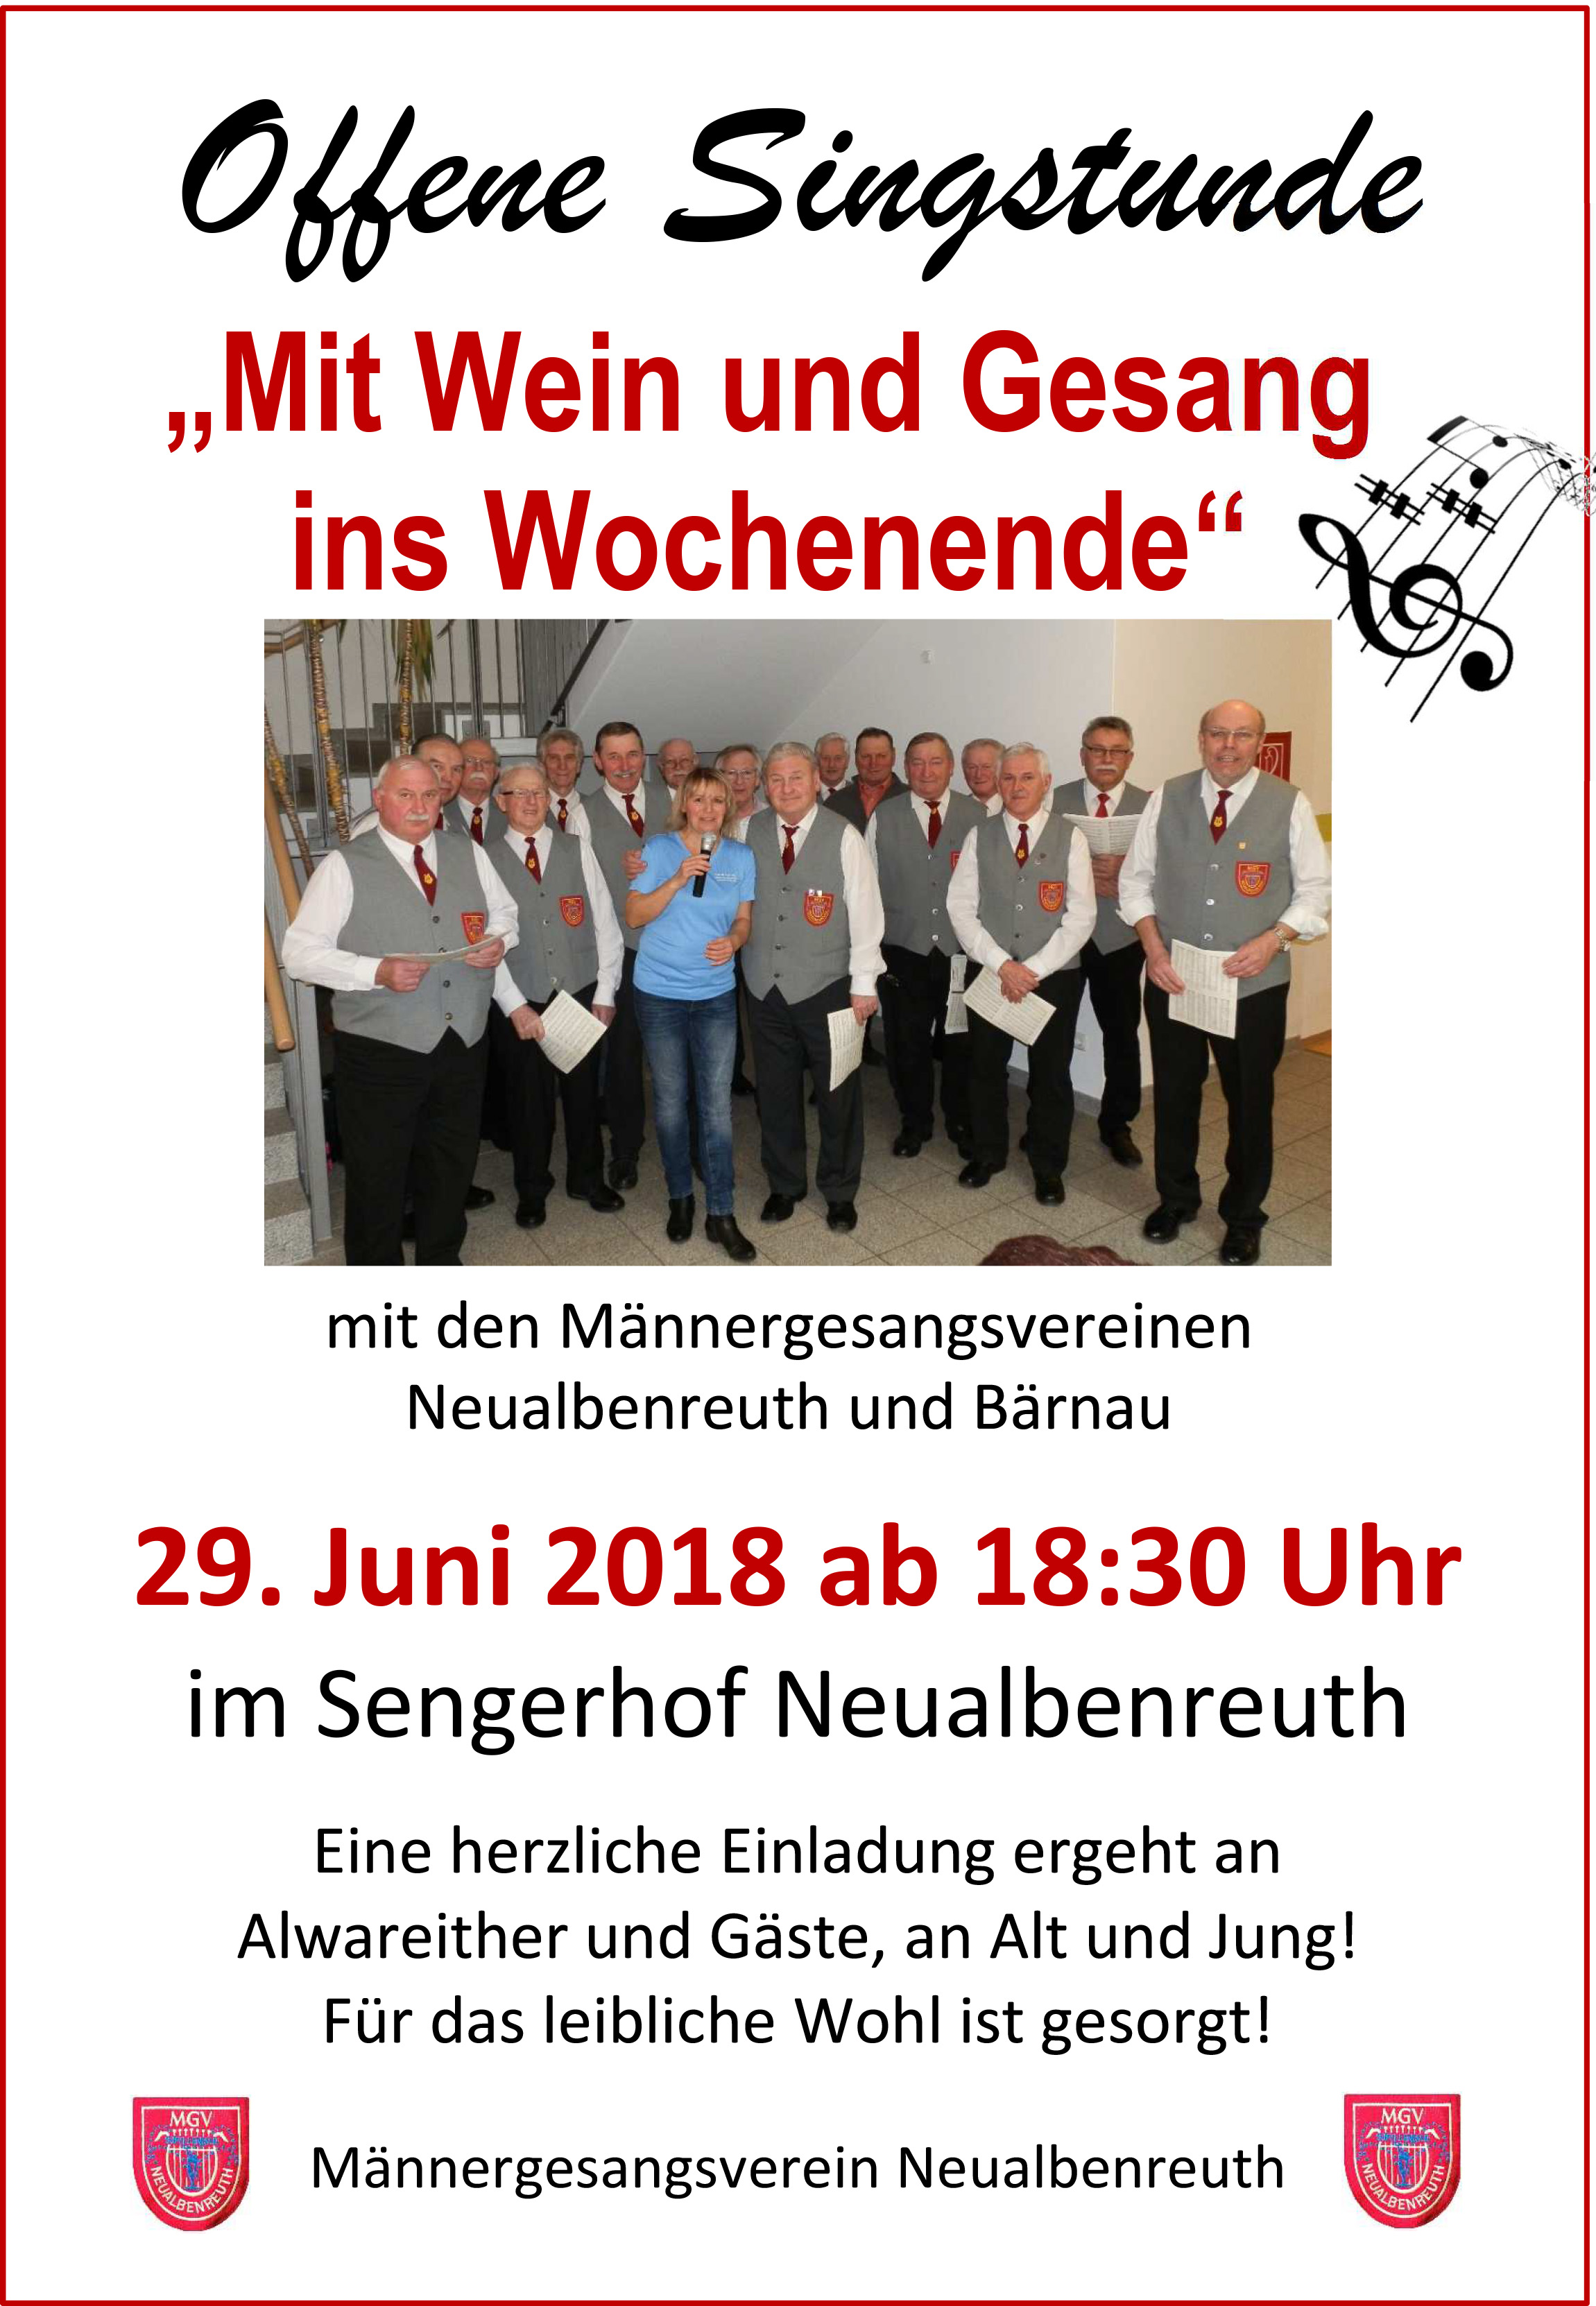 2018-06-29 MGV Offene Singstunde